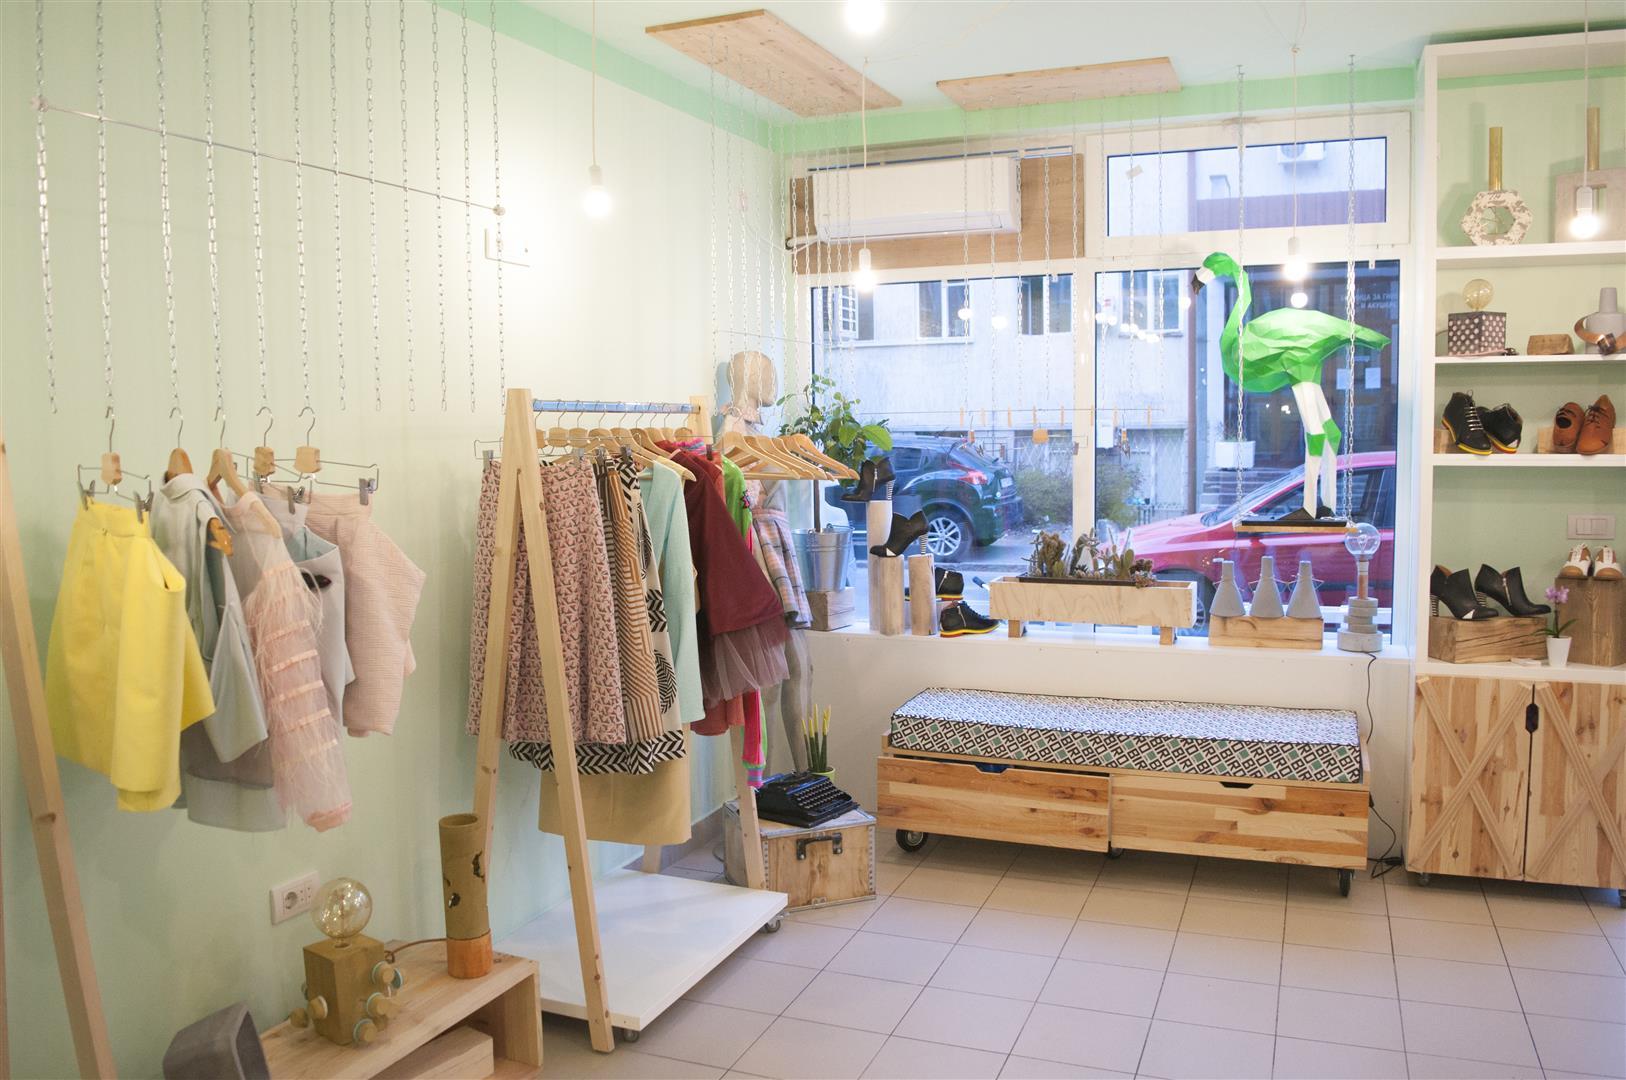 02 Biro354c Biro 354c: Prva koncept radnja održive mode u Beogradu